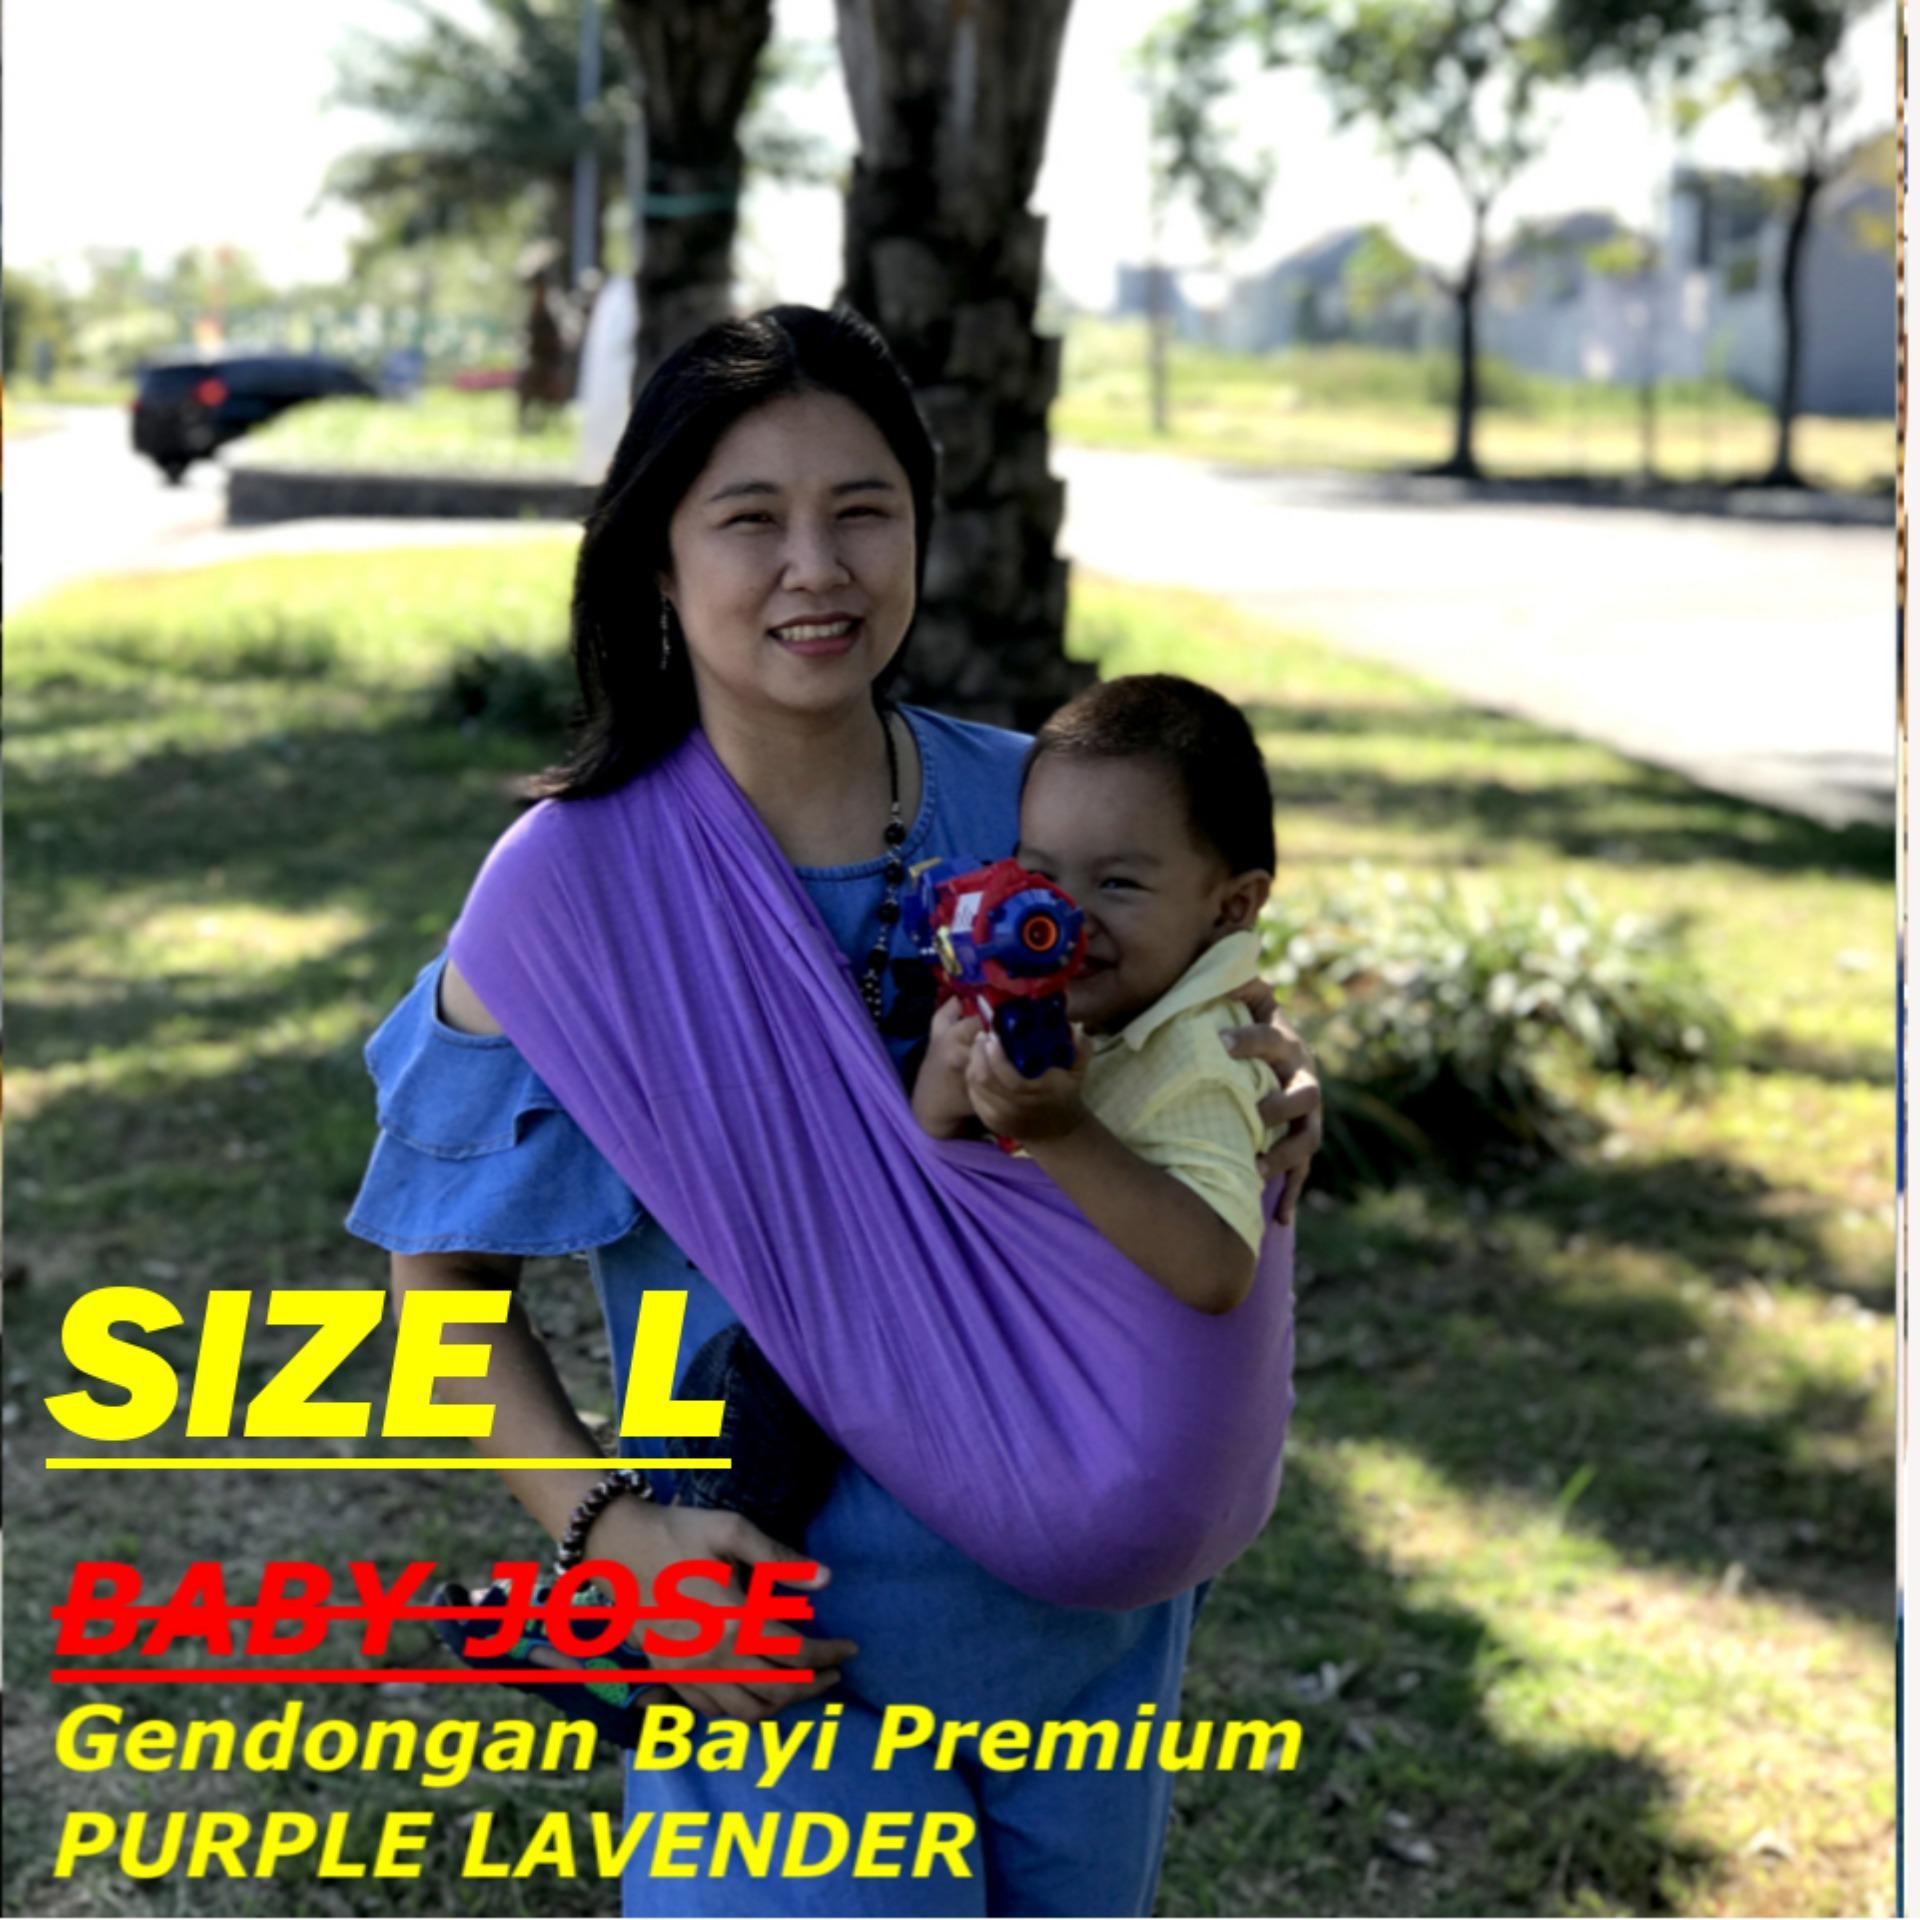 Diskon Baby Jose Gendongan Bayi Kaos Ukuran L Geos Selendang Bayi Praktis Mode